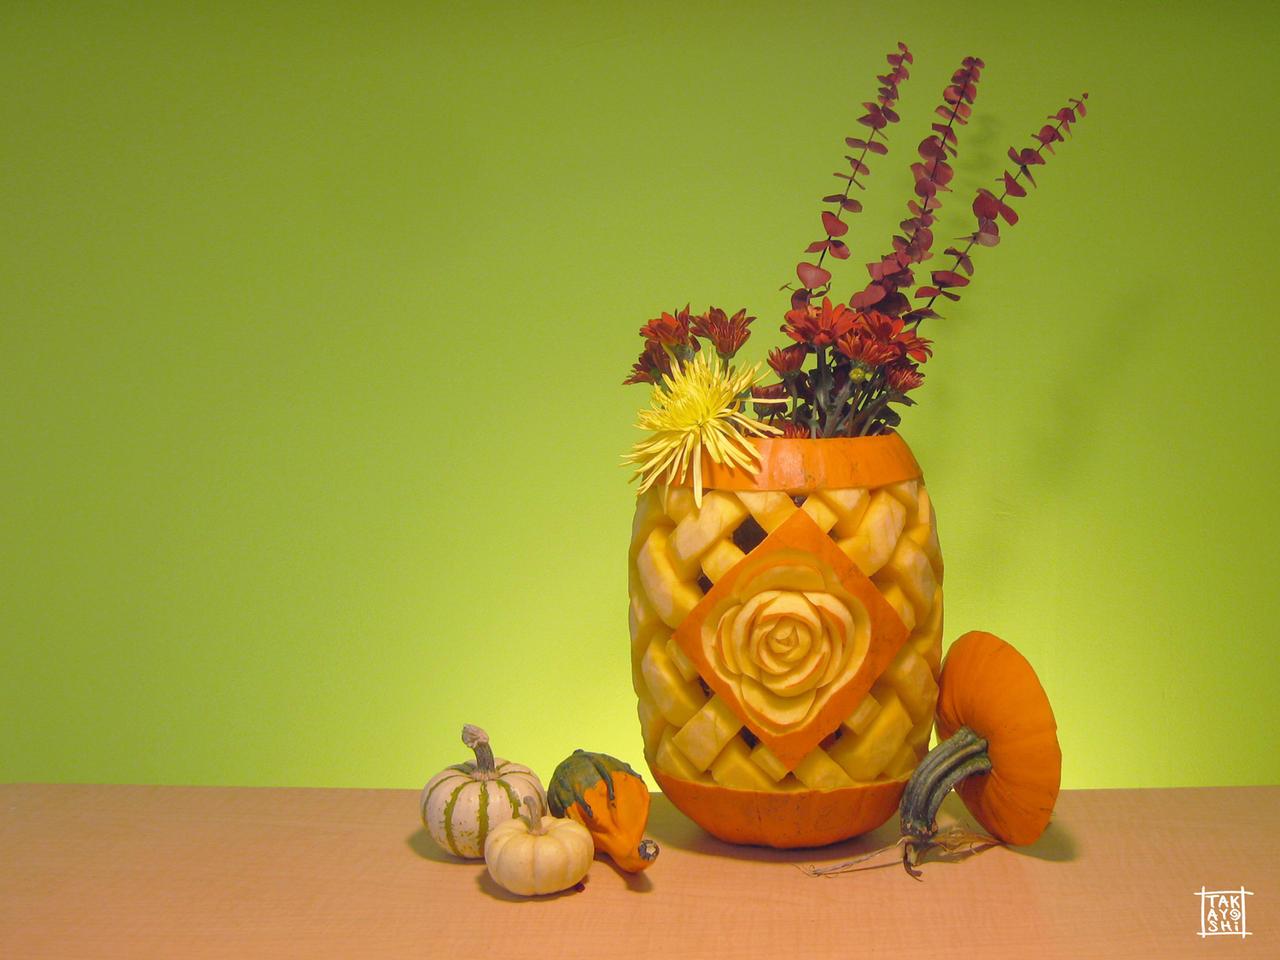 Pumpkin: Captured! by PunkBouncer